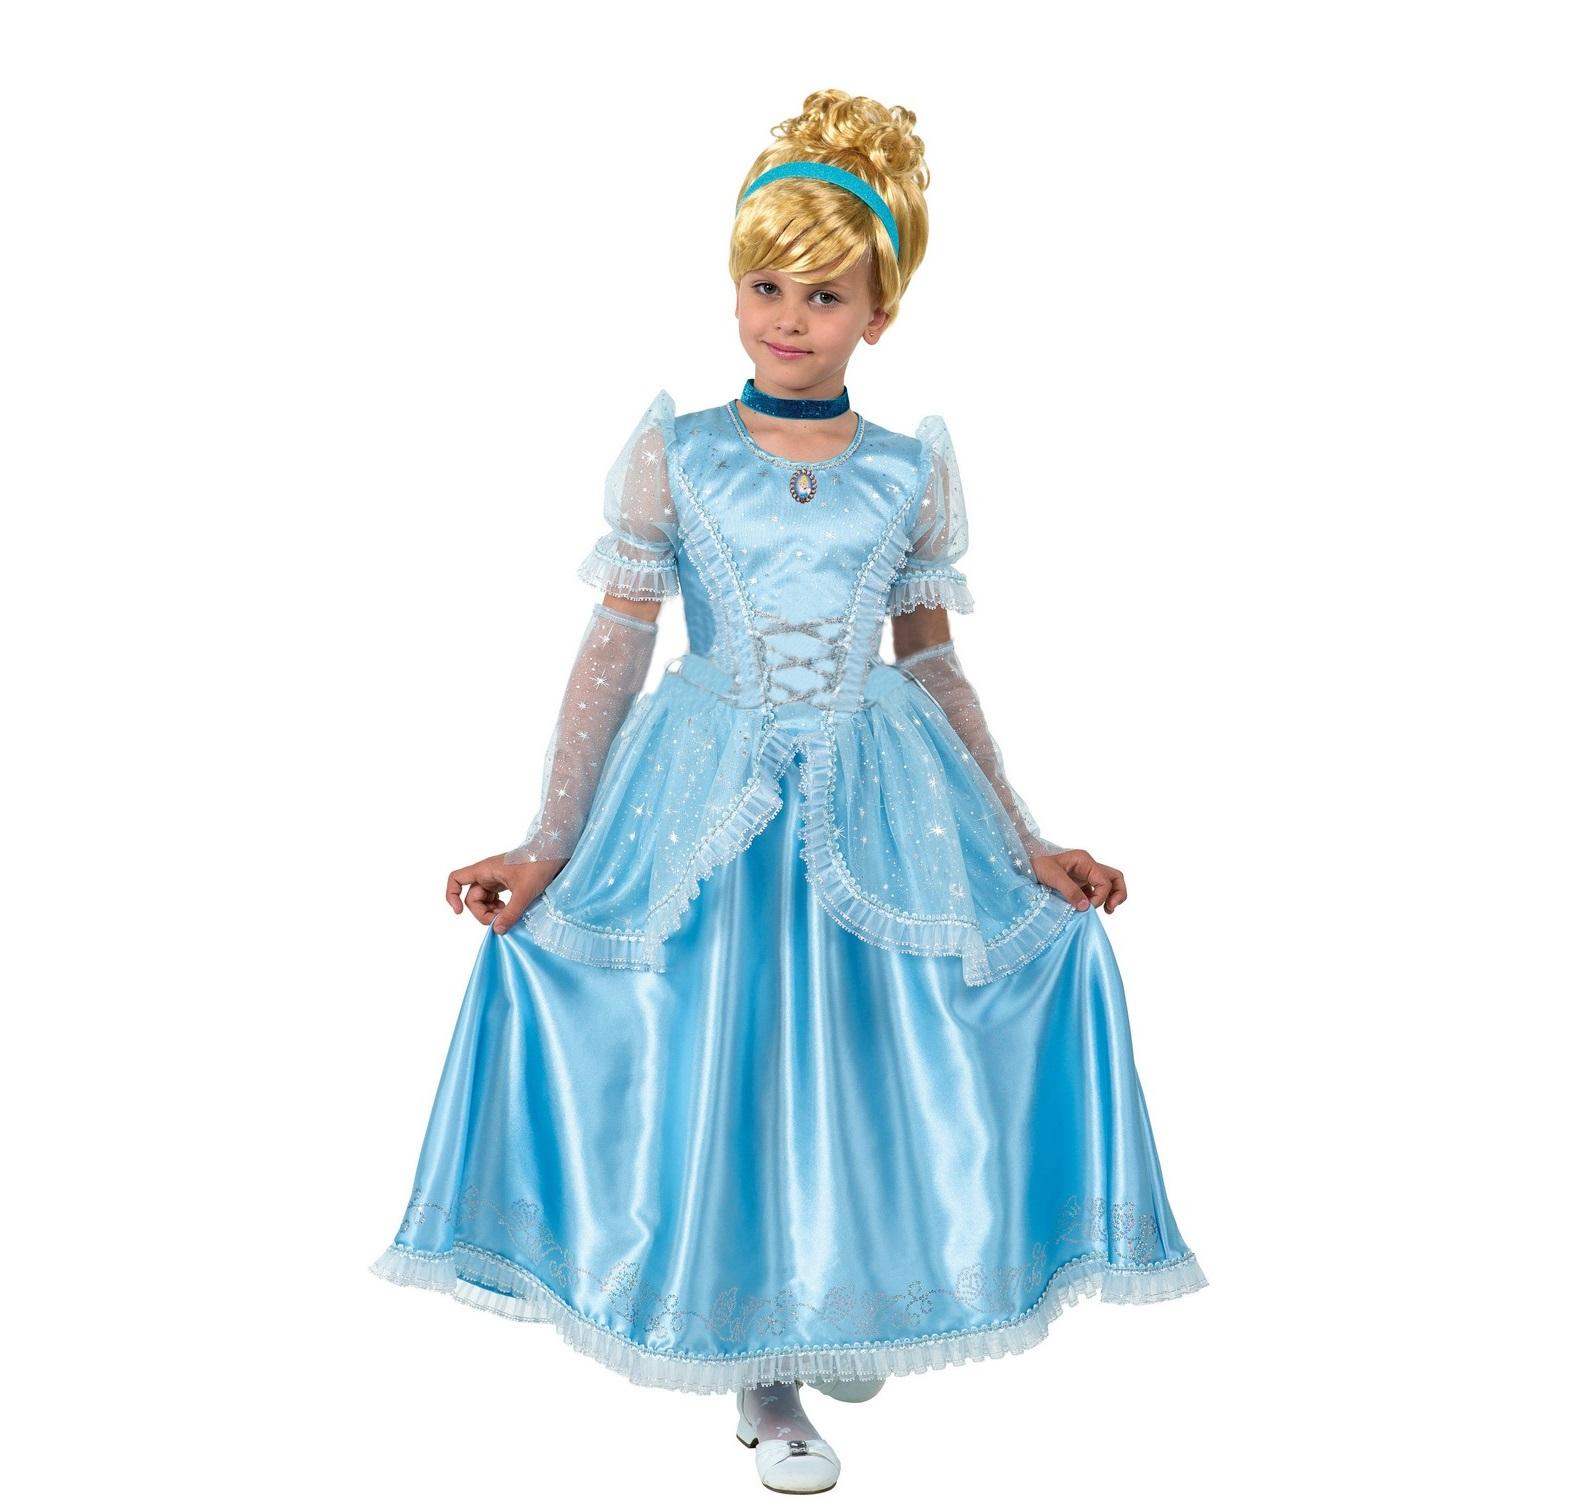 Карнавальный костюм Дисней – Принцесса Золушка, размер 28Карнавальные костюмы<br>Карнавальный костюм Дисней – Принцесса Золушка, размер 28<br>